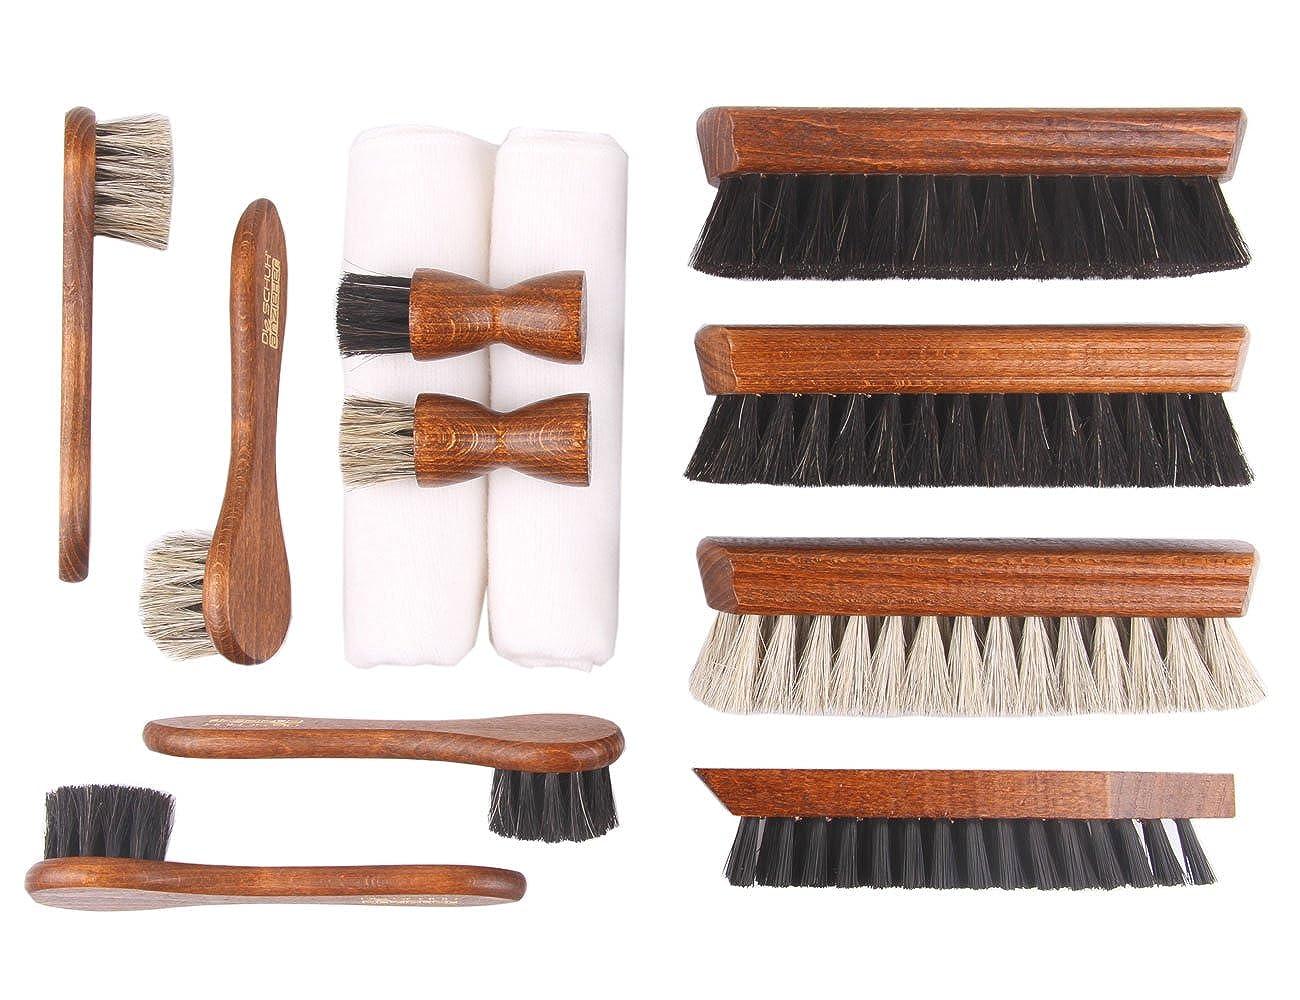 12 teiliges Schuhputzset für Glattleder – Holz Schuhbürsten mit Rosshaar – Made in Germany – Classic Edition z2604